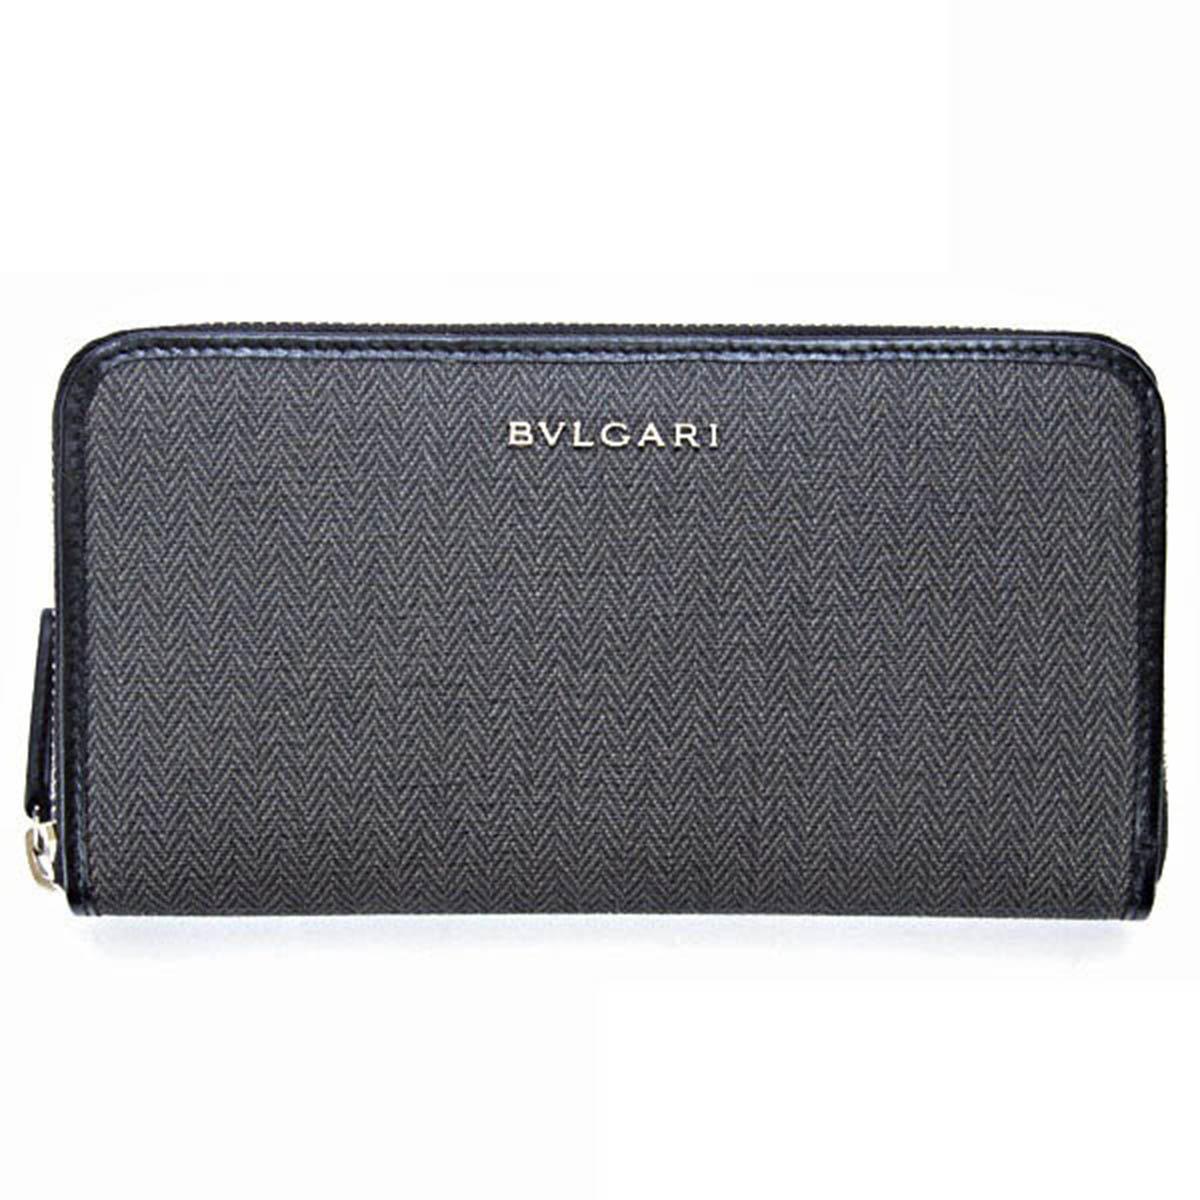 ブルガリ BVLGARI 財布 長財布 ラウンドファスナー メンズ ウィークエンド WEEK END ブラック 32587 BLACK